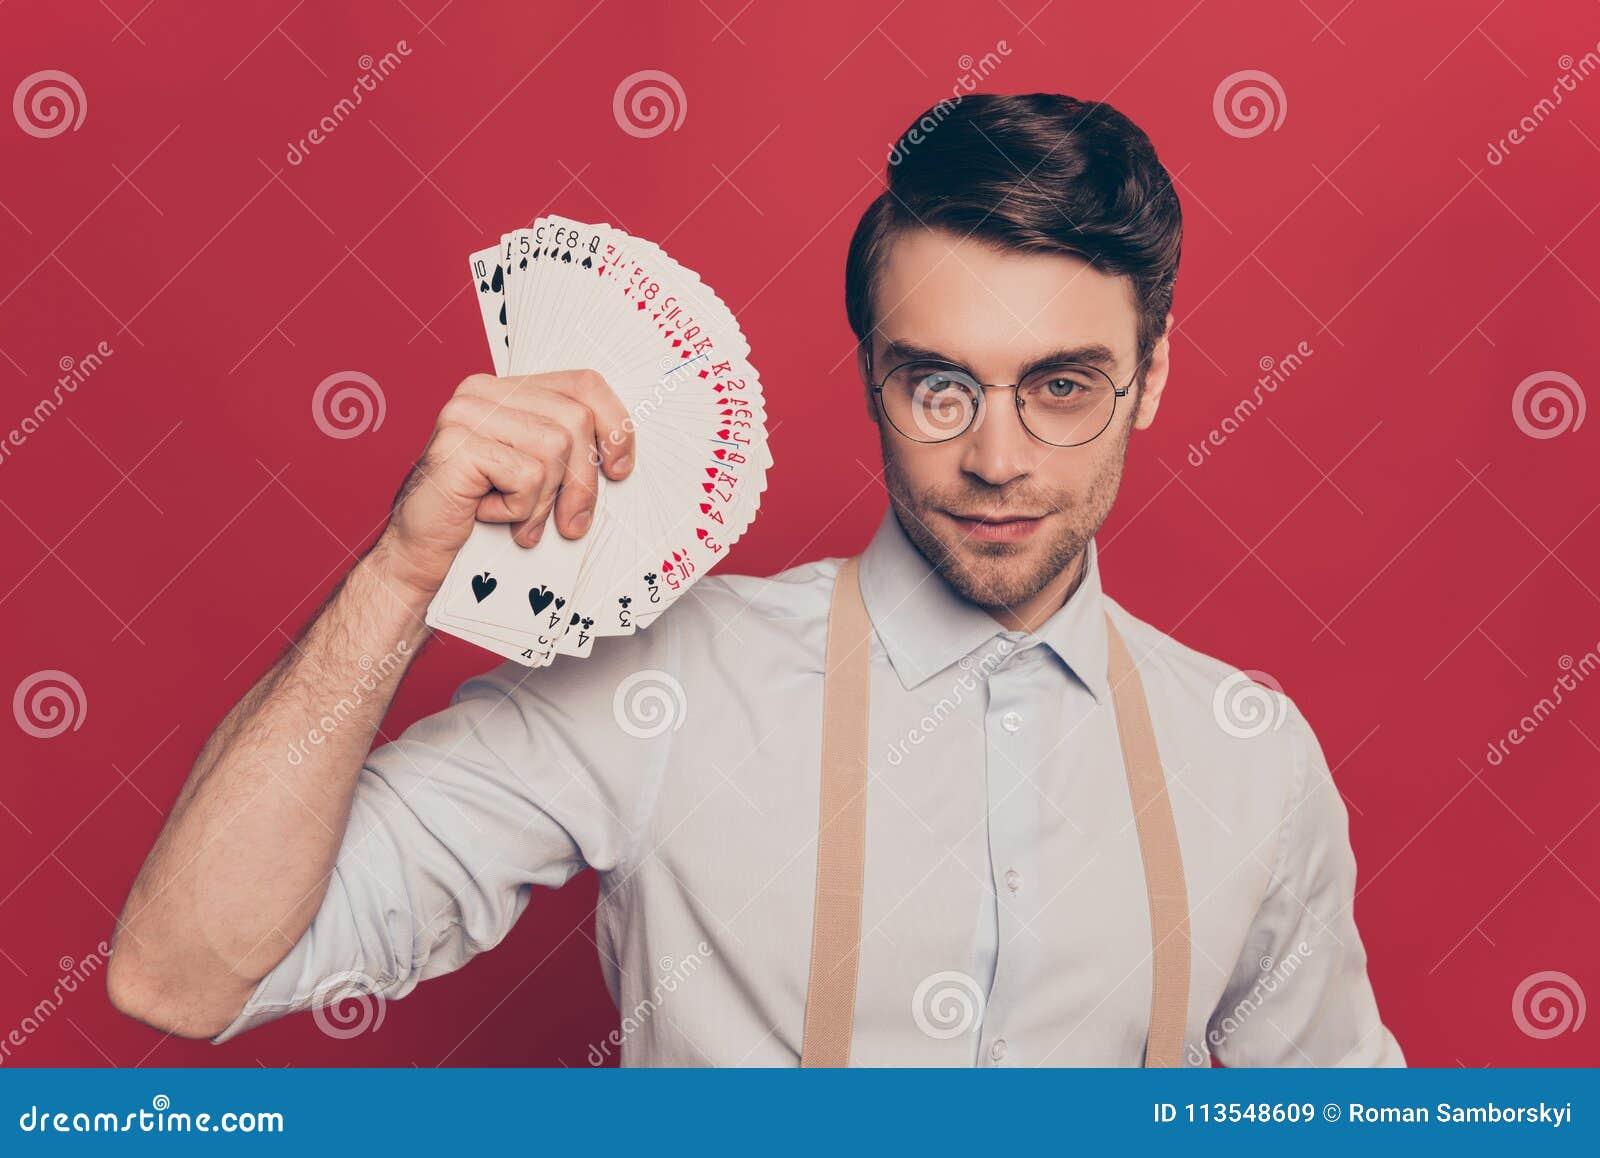 Professionell listig trollkarl, illusionist, hasardspelare i den tillfälliga dräkten, exponeringsglas, innehav, fastställt däck f